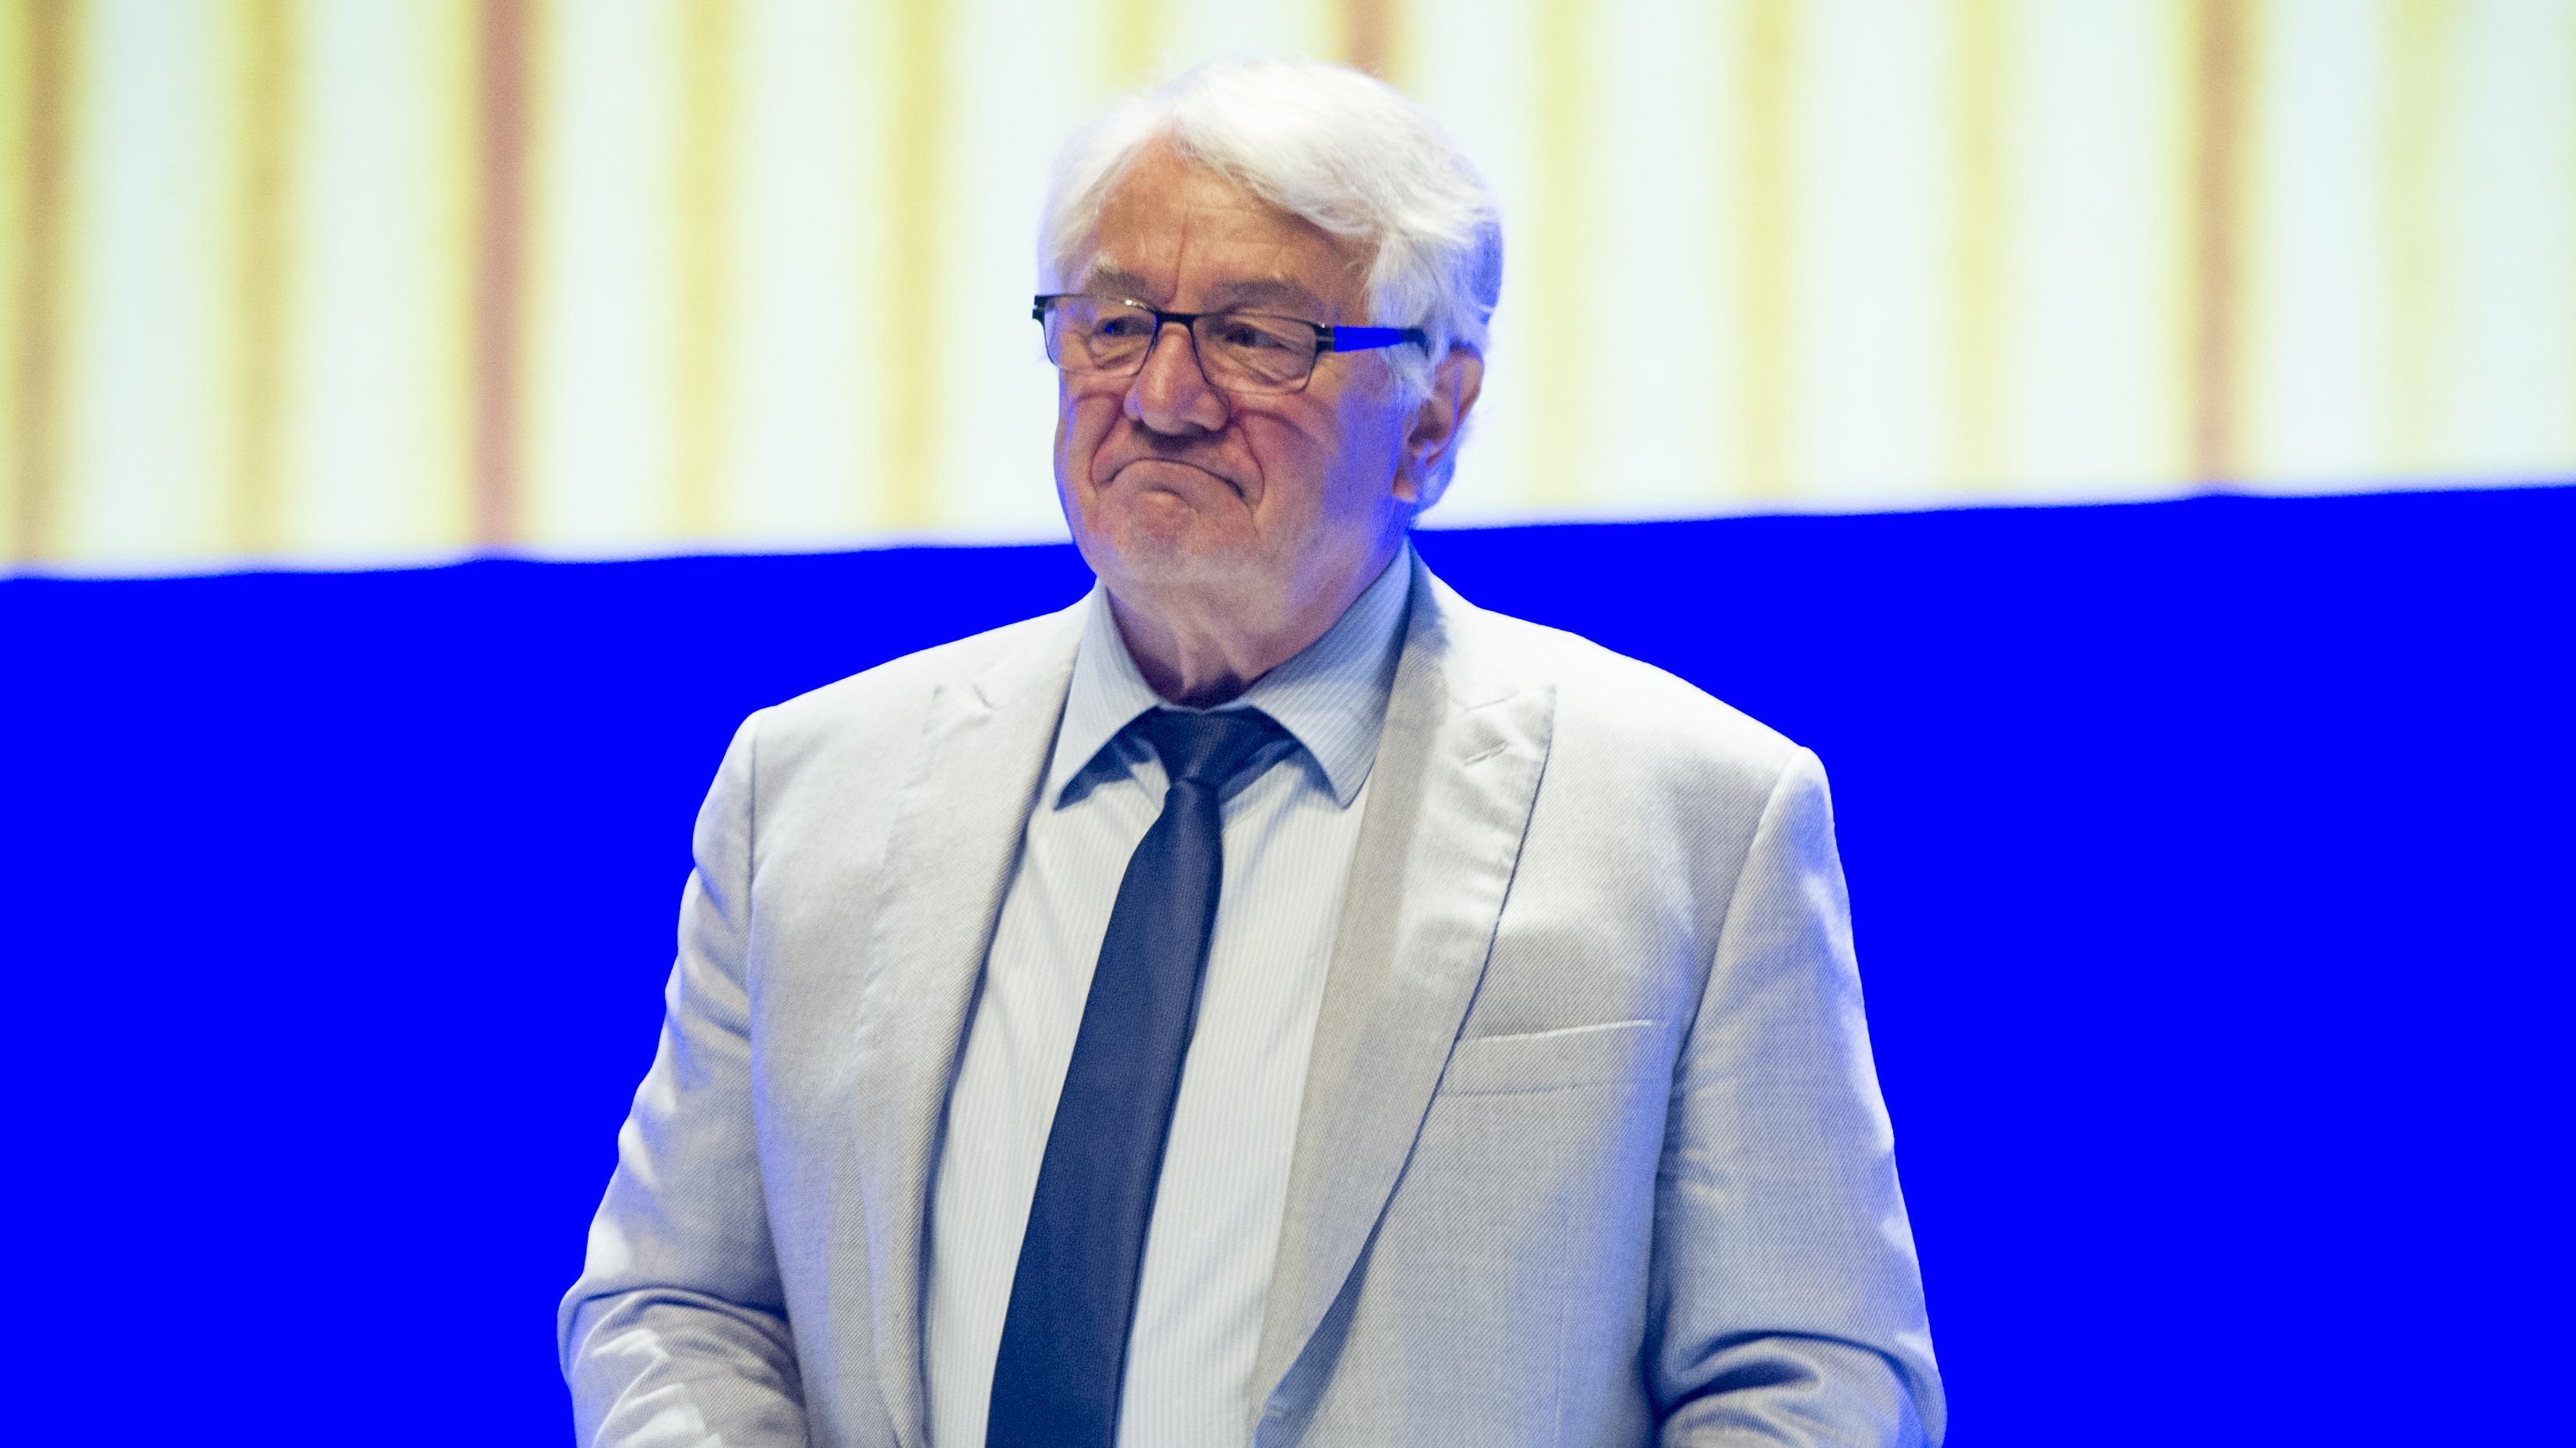 Hasso Plattner, Vorsitzender Aufsichtsrat von SAP,bei einer Hauptversammlung in Mannheim. Er trägt einen hellen Anzug.